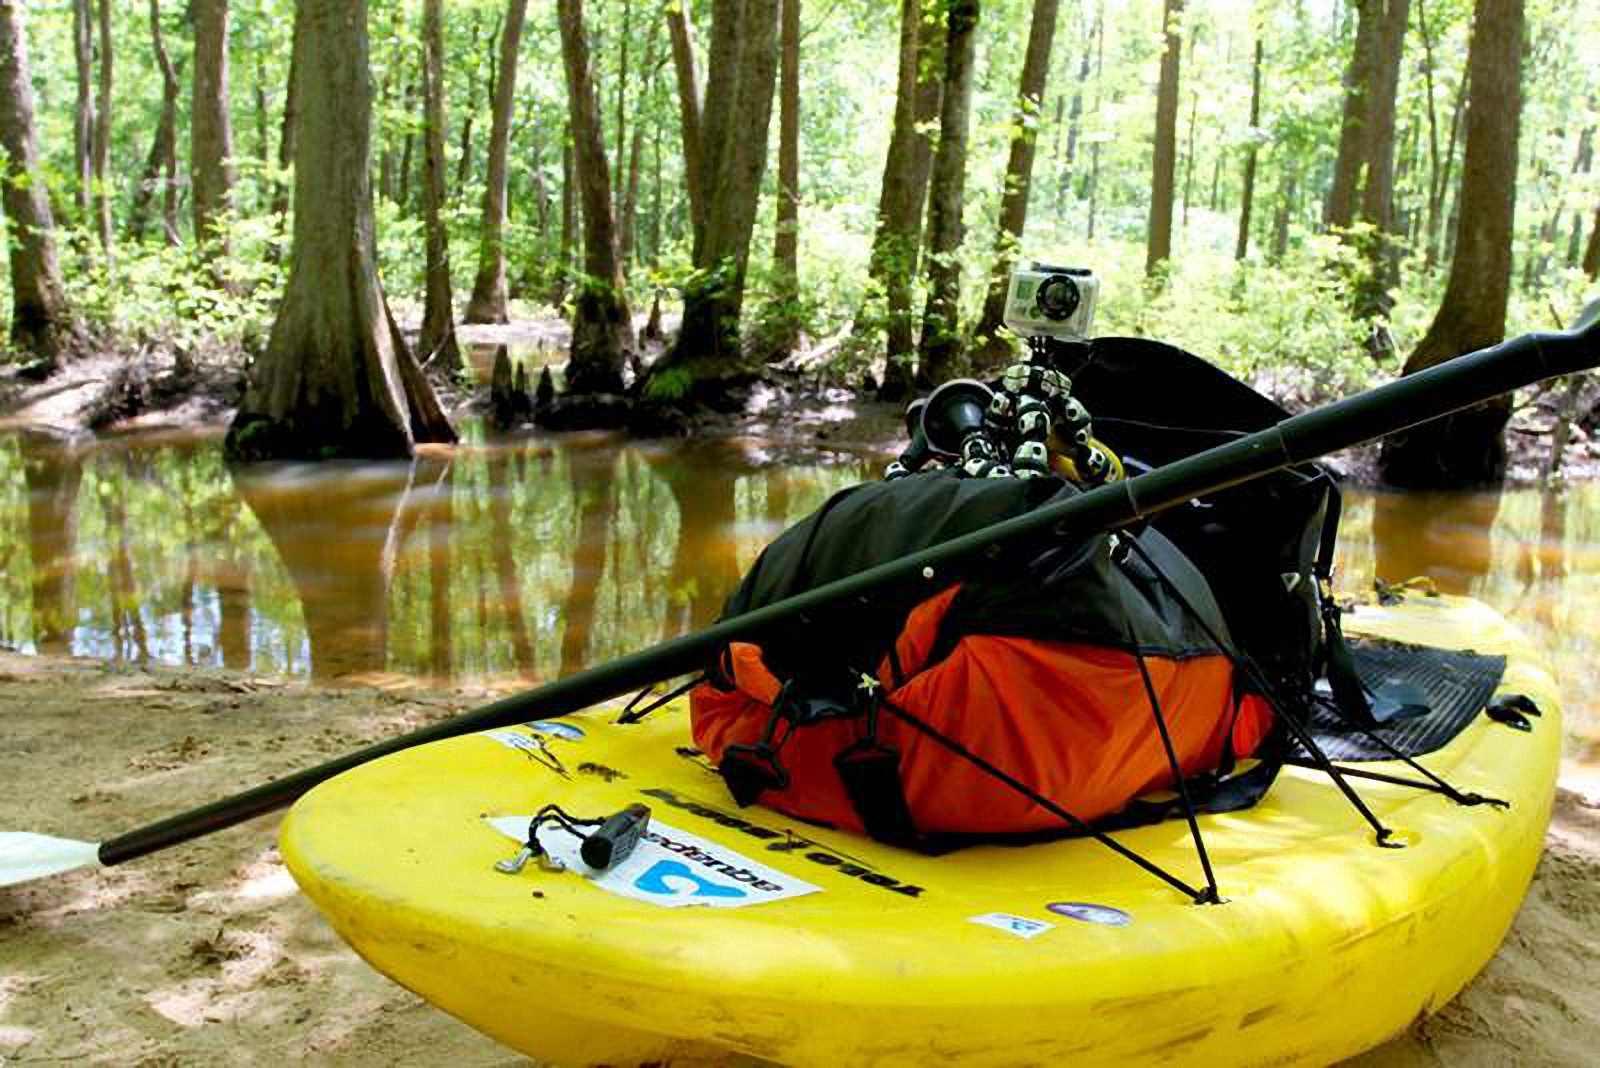 Водонепроницаемый  гермомешок-рюкзак (с двумя плечевыми ремнями) Aquapac 768 - Noatak Wet & Drybag - 15L.. Aquapac - №1 в мире водонепроницаемых чехлов и сумок. Фото 2